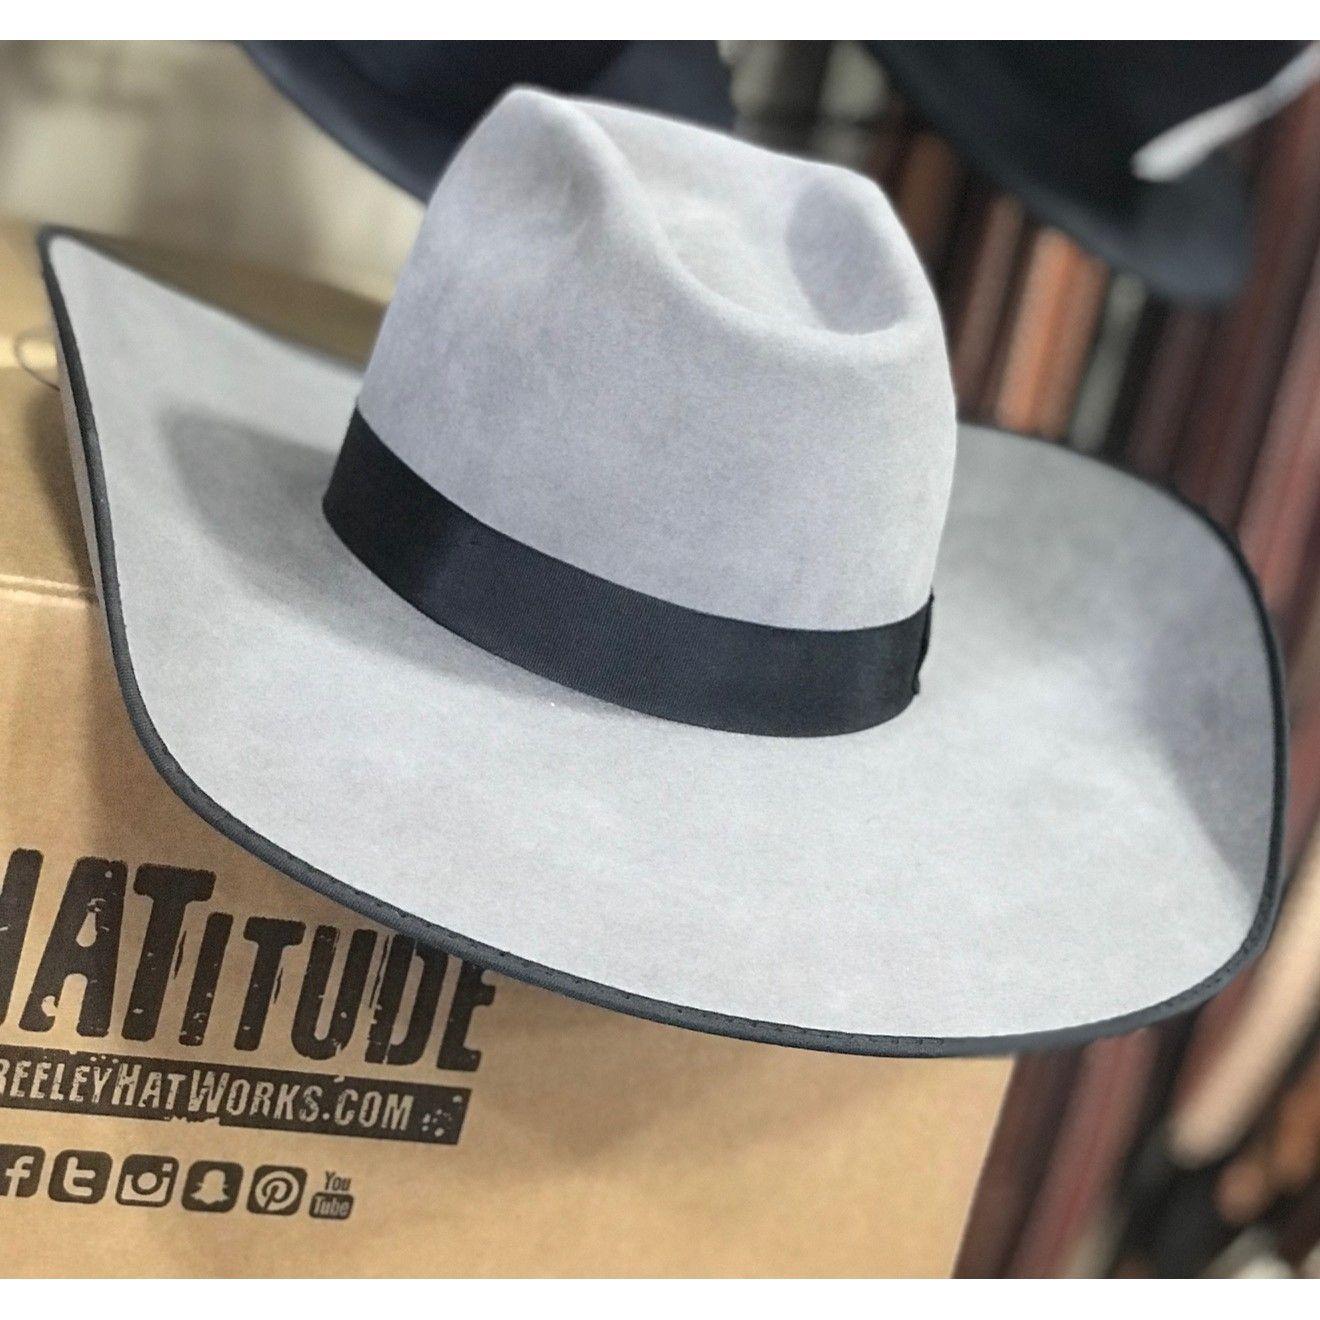 Greeley Hat Works  dad24eff984a